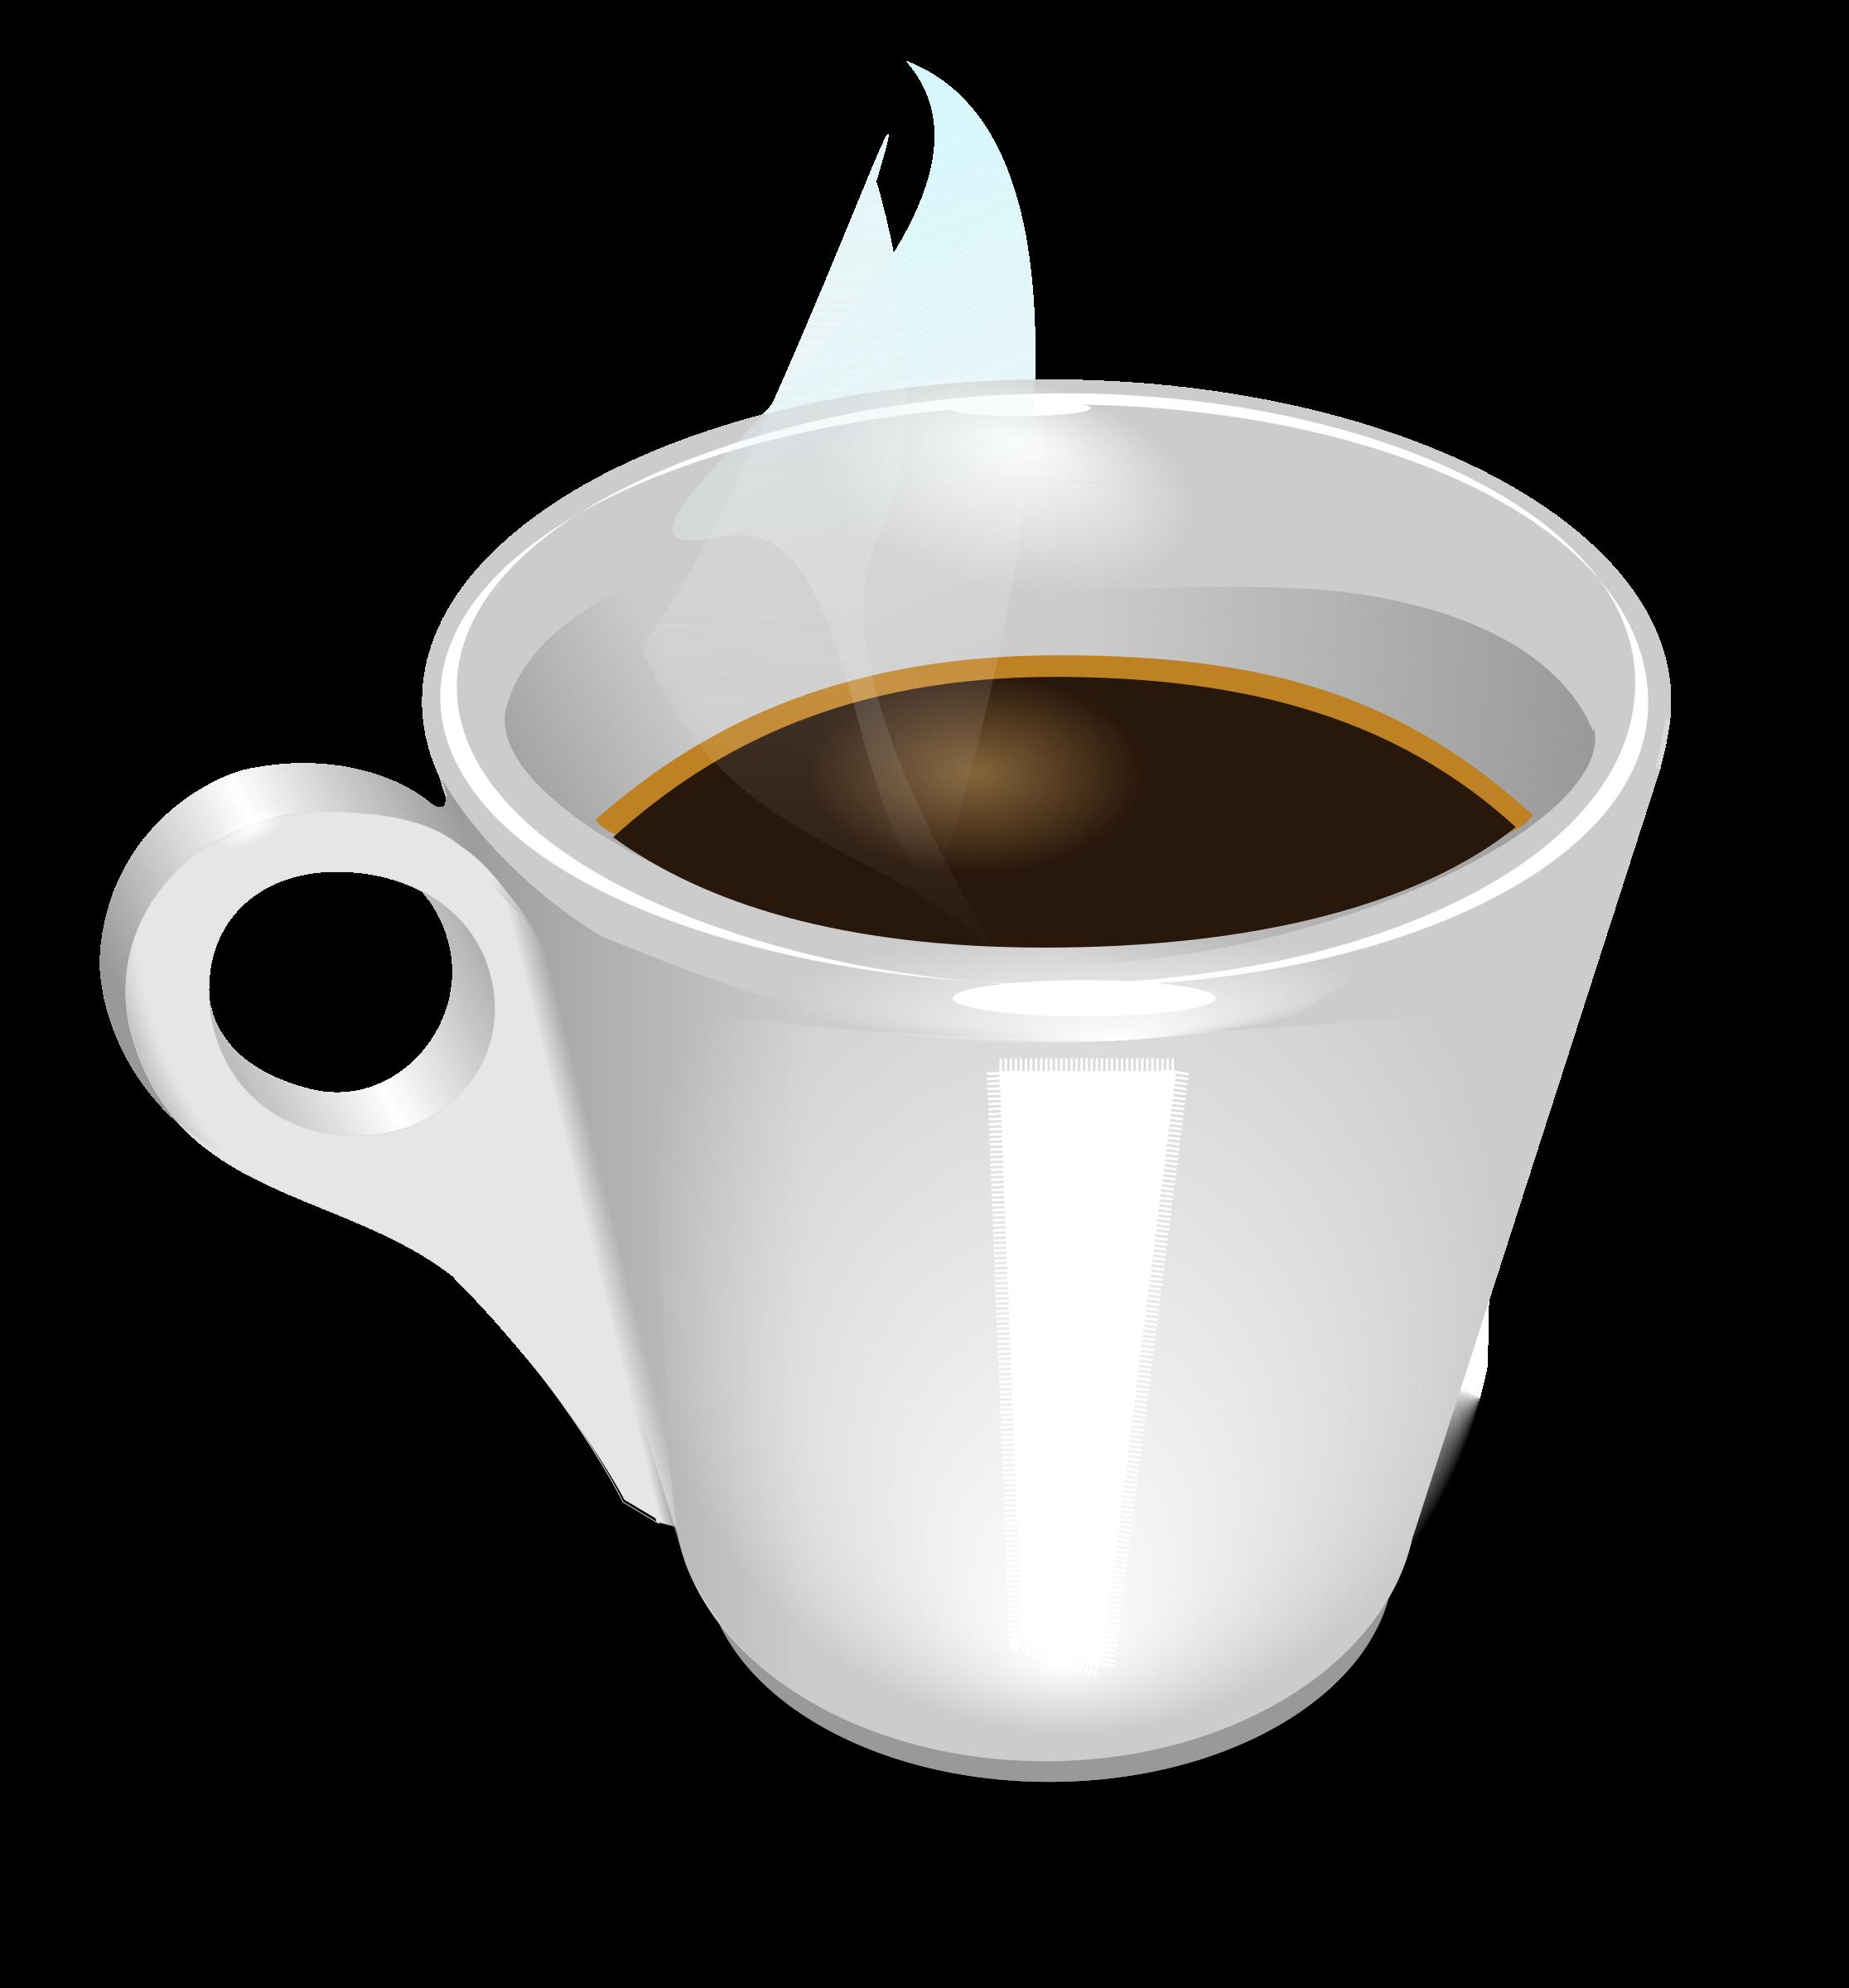 espresso Restaurante, Xícara de café, Espresso